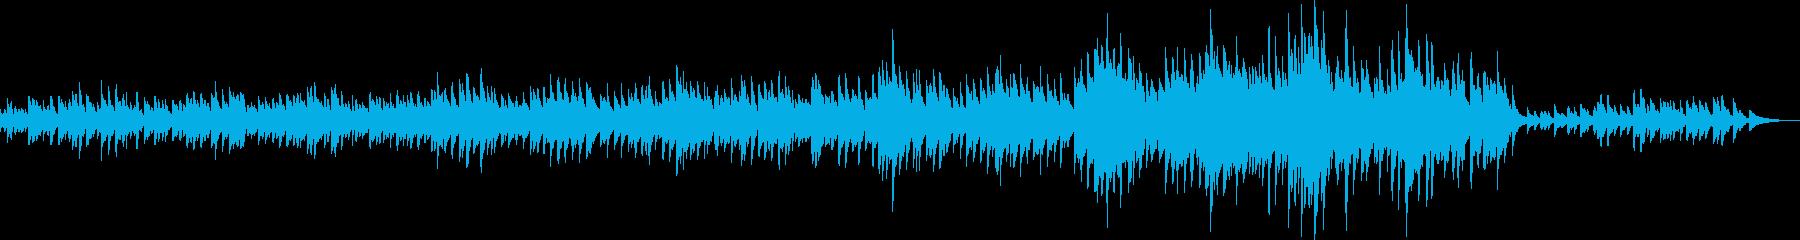 カノン風・優しいピアノバラード(優しい)の再生済みの波形